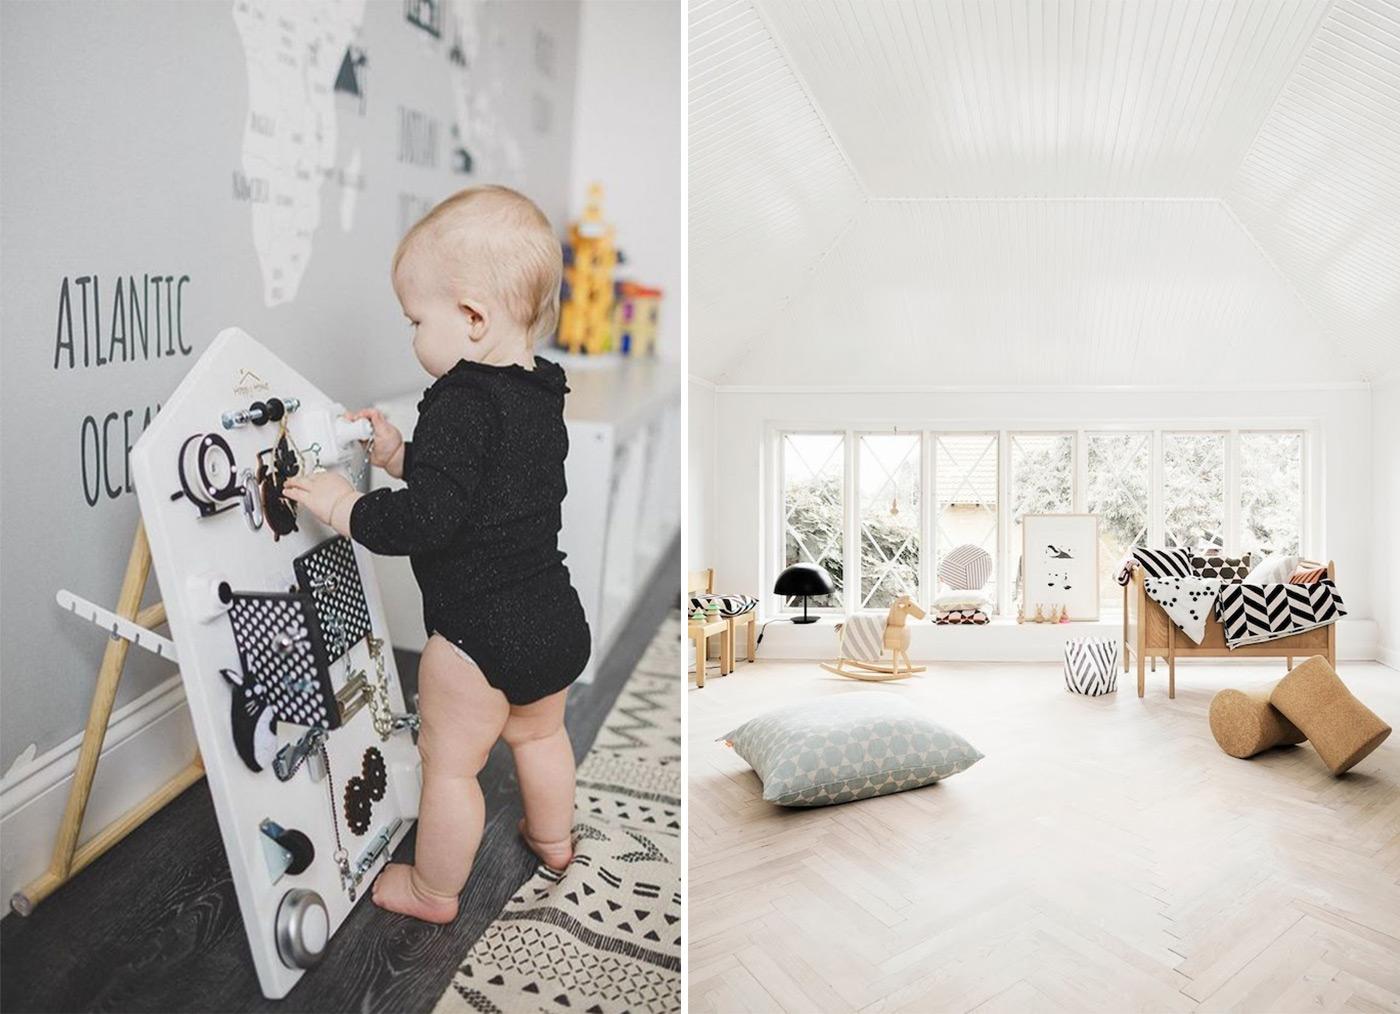 детская в скандинавском стиле - 5